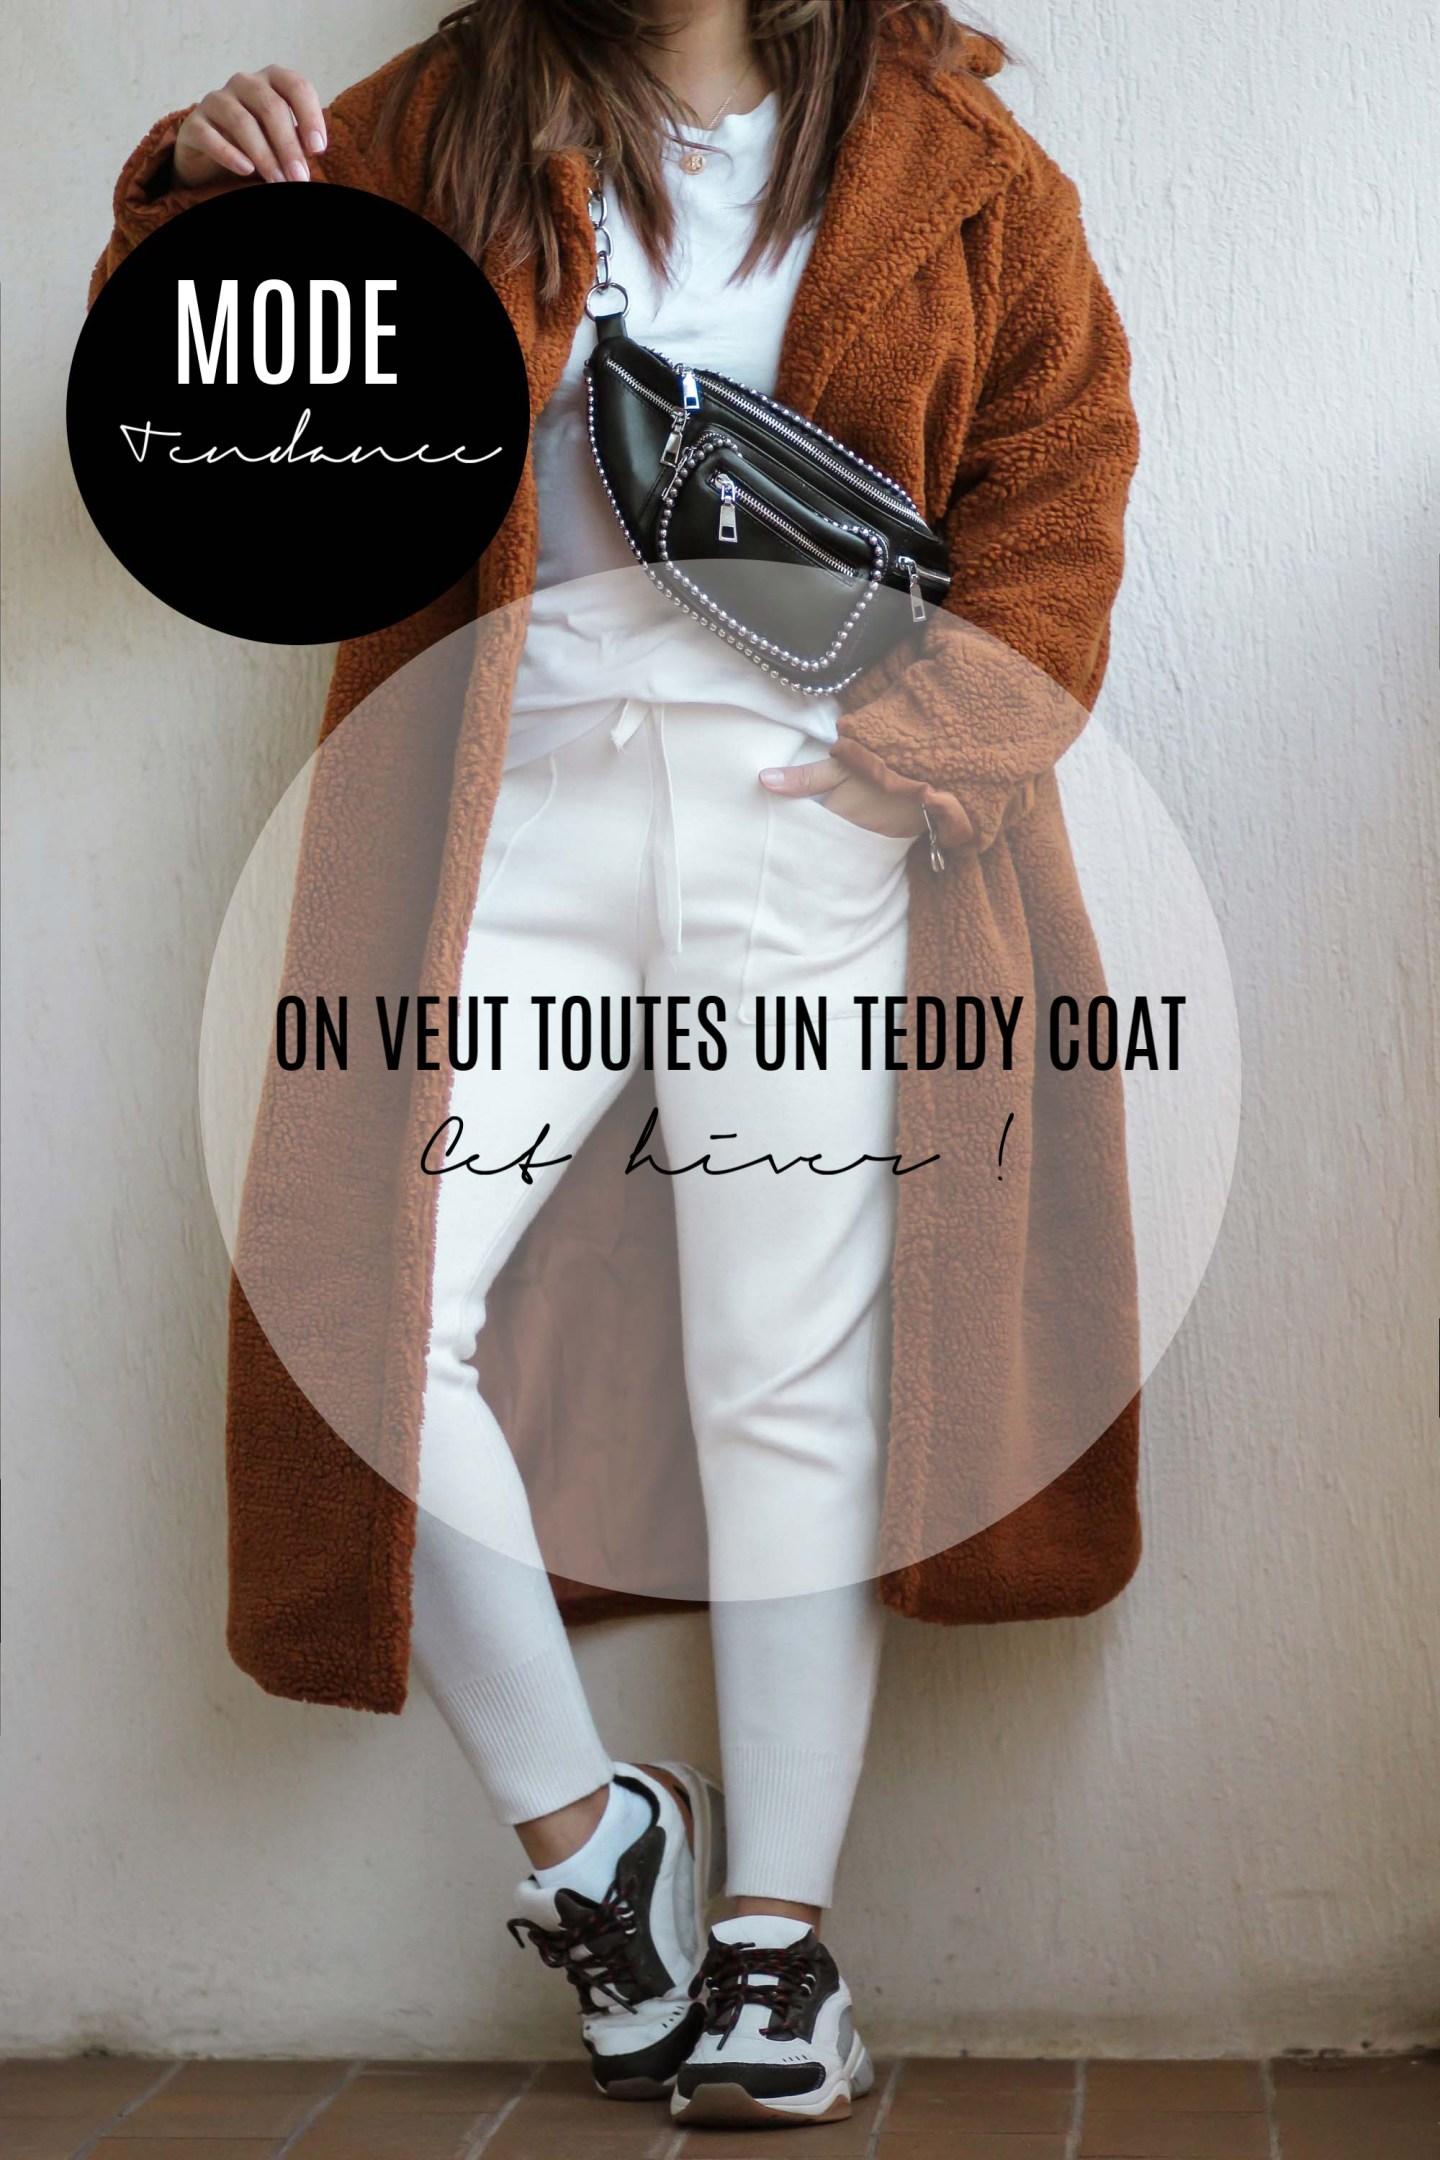 ON VEUT TOUTES UN TEDDY COAT CET HIVER !